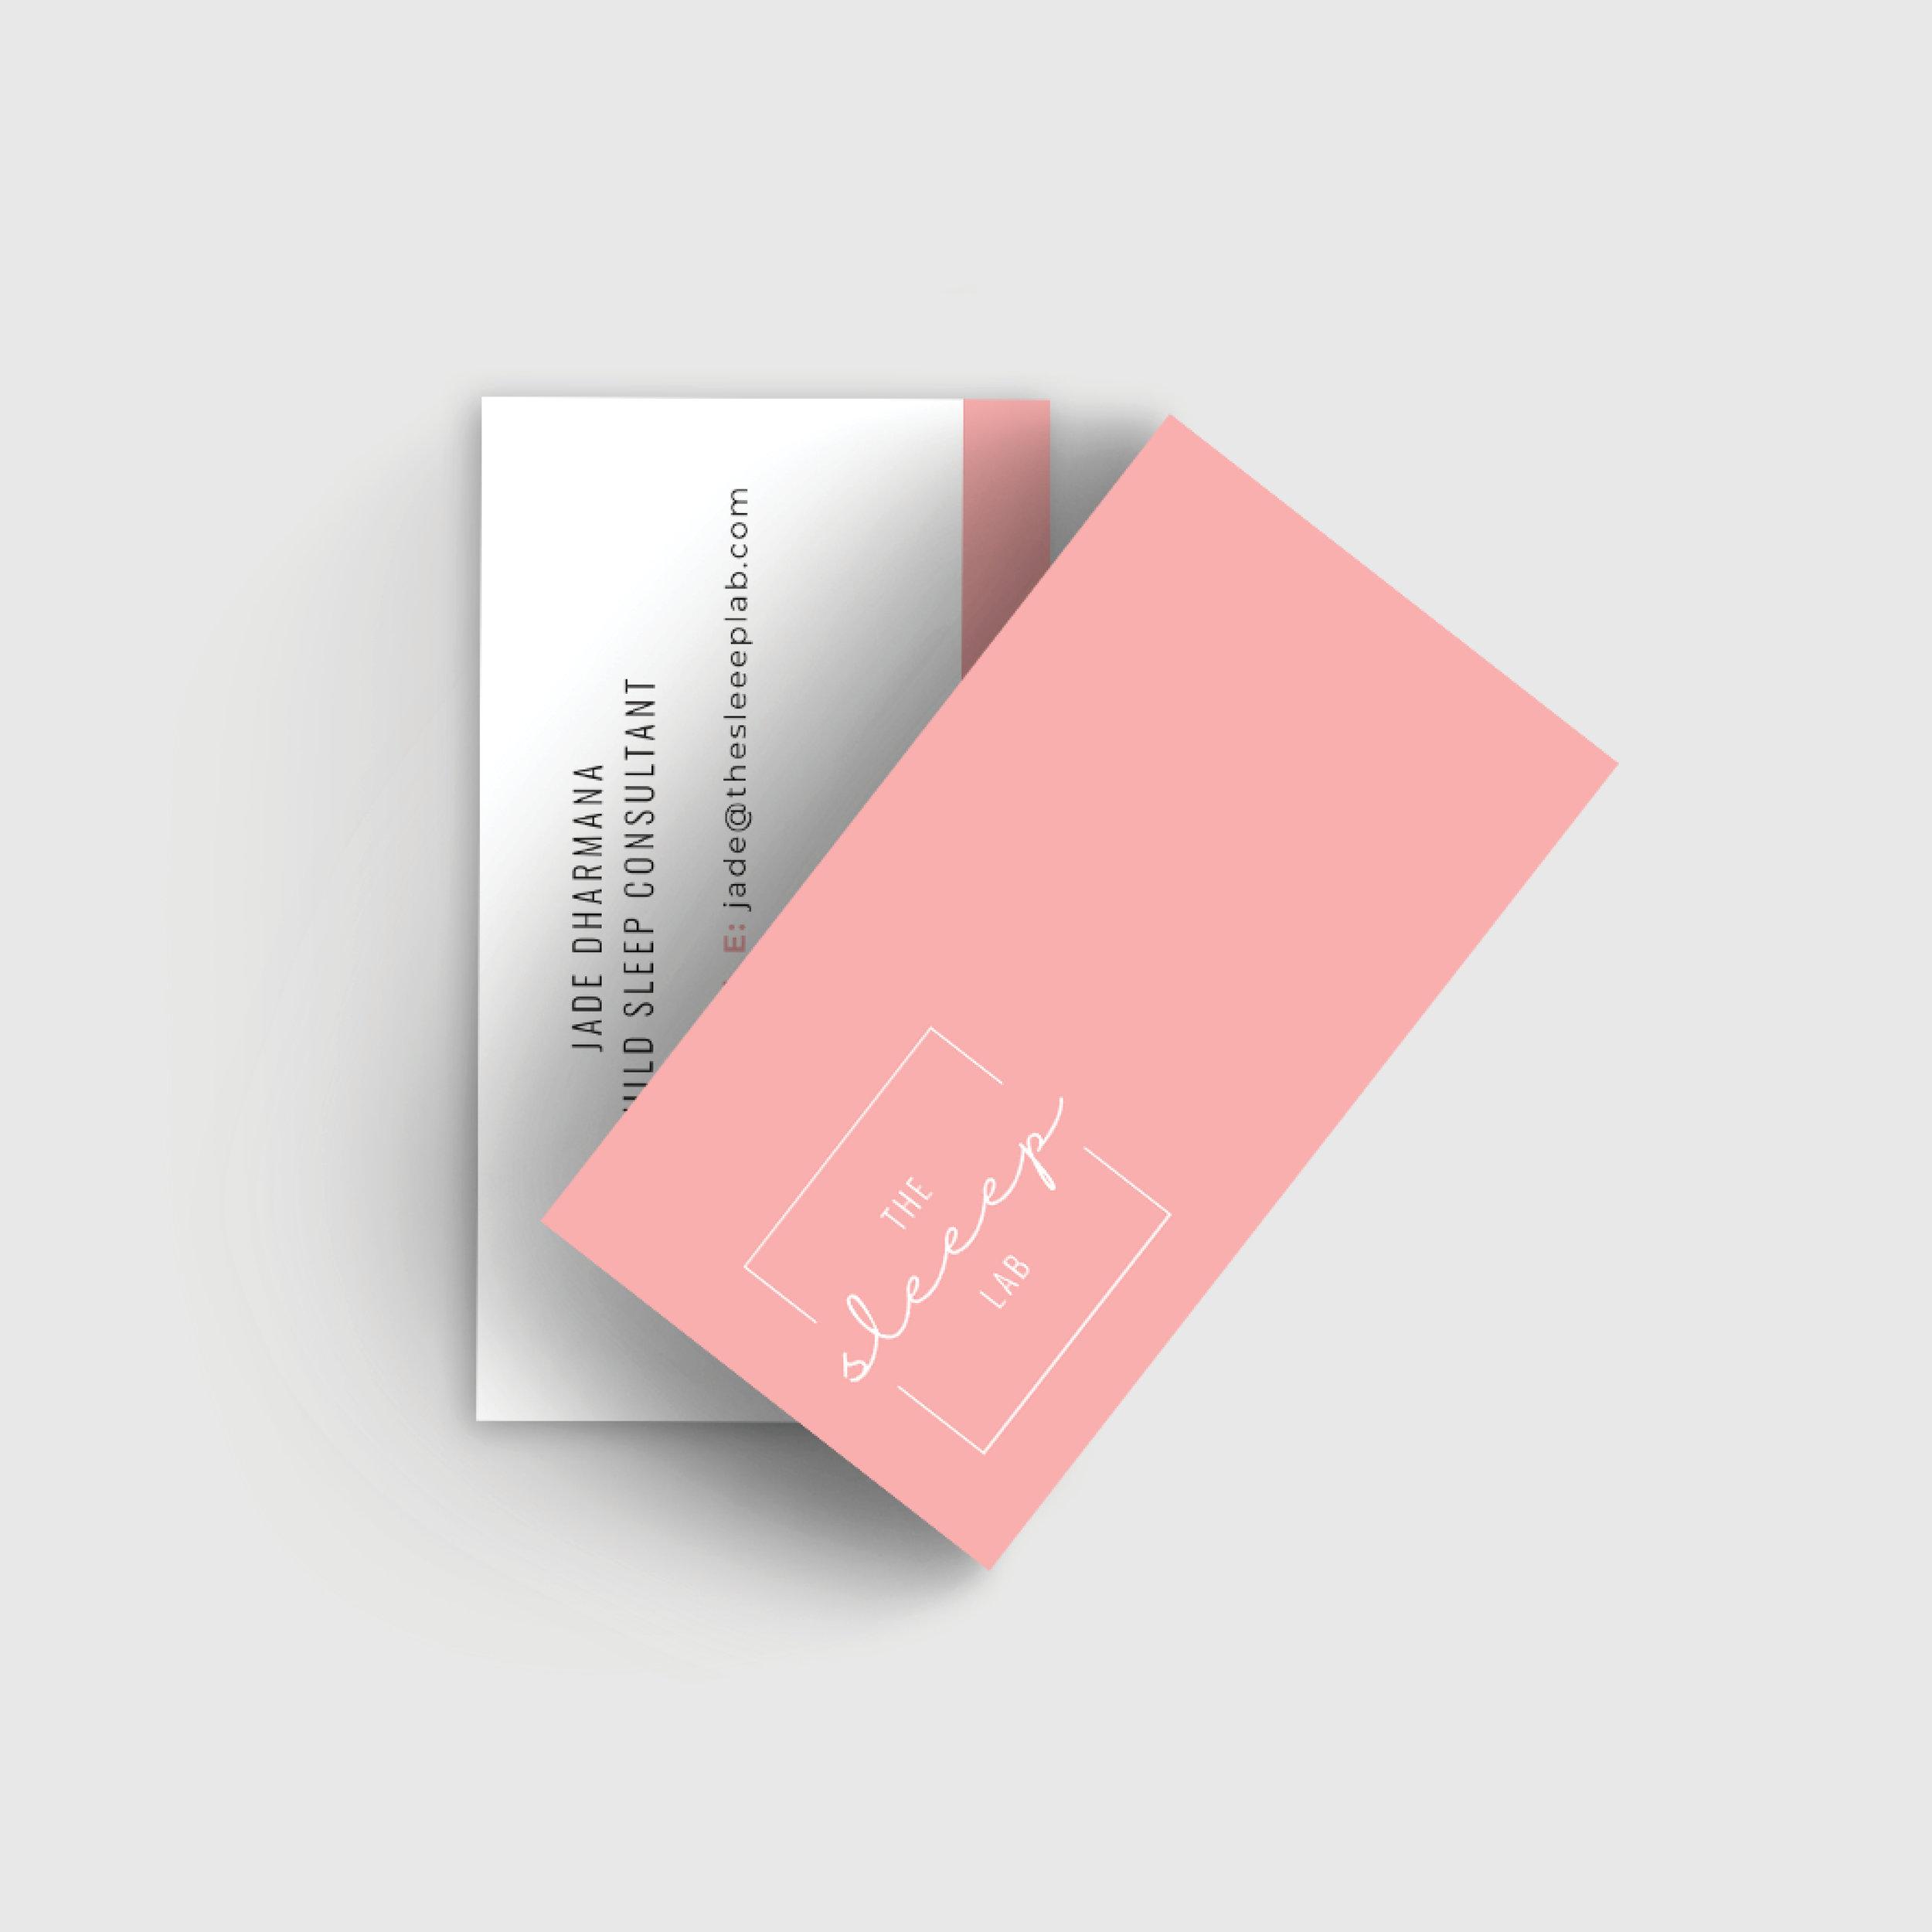 Sleeep-Lab-Portfolio4.jpg